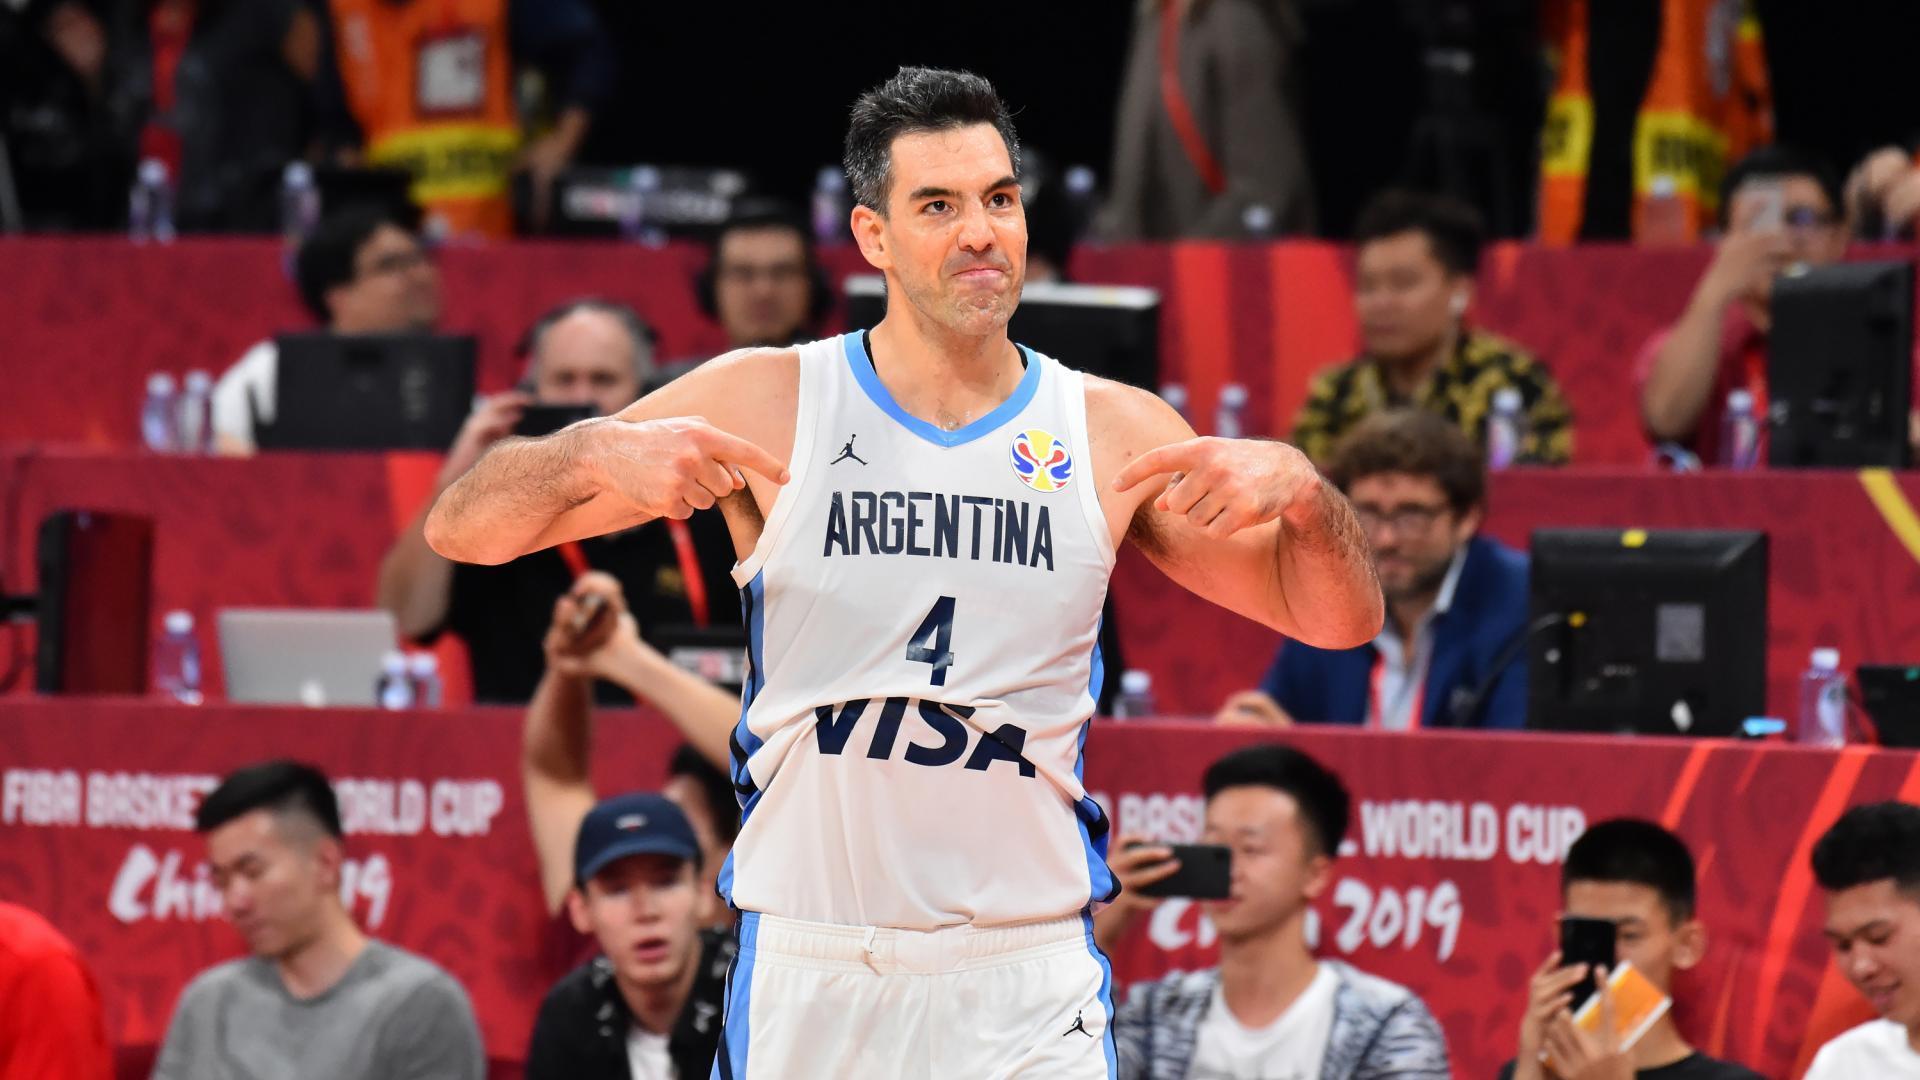 Luis Scola of Argentina